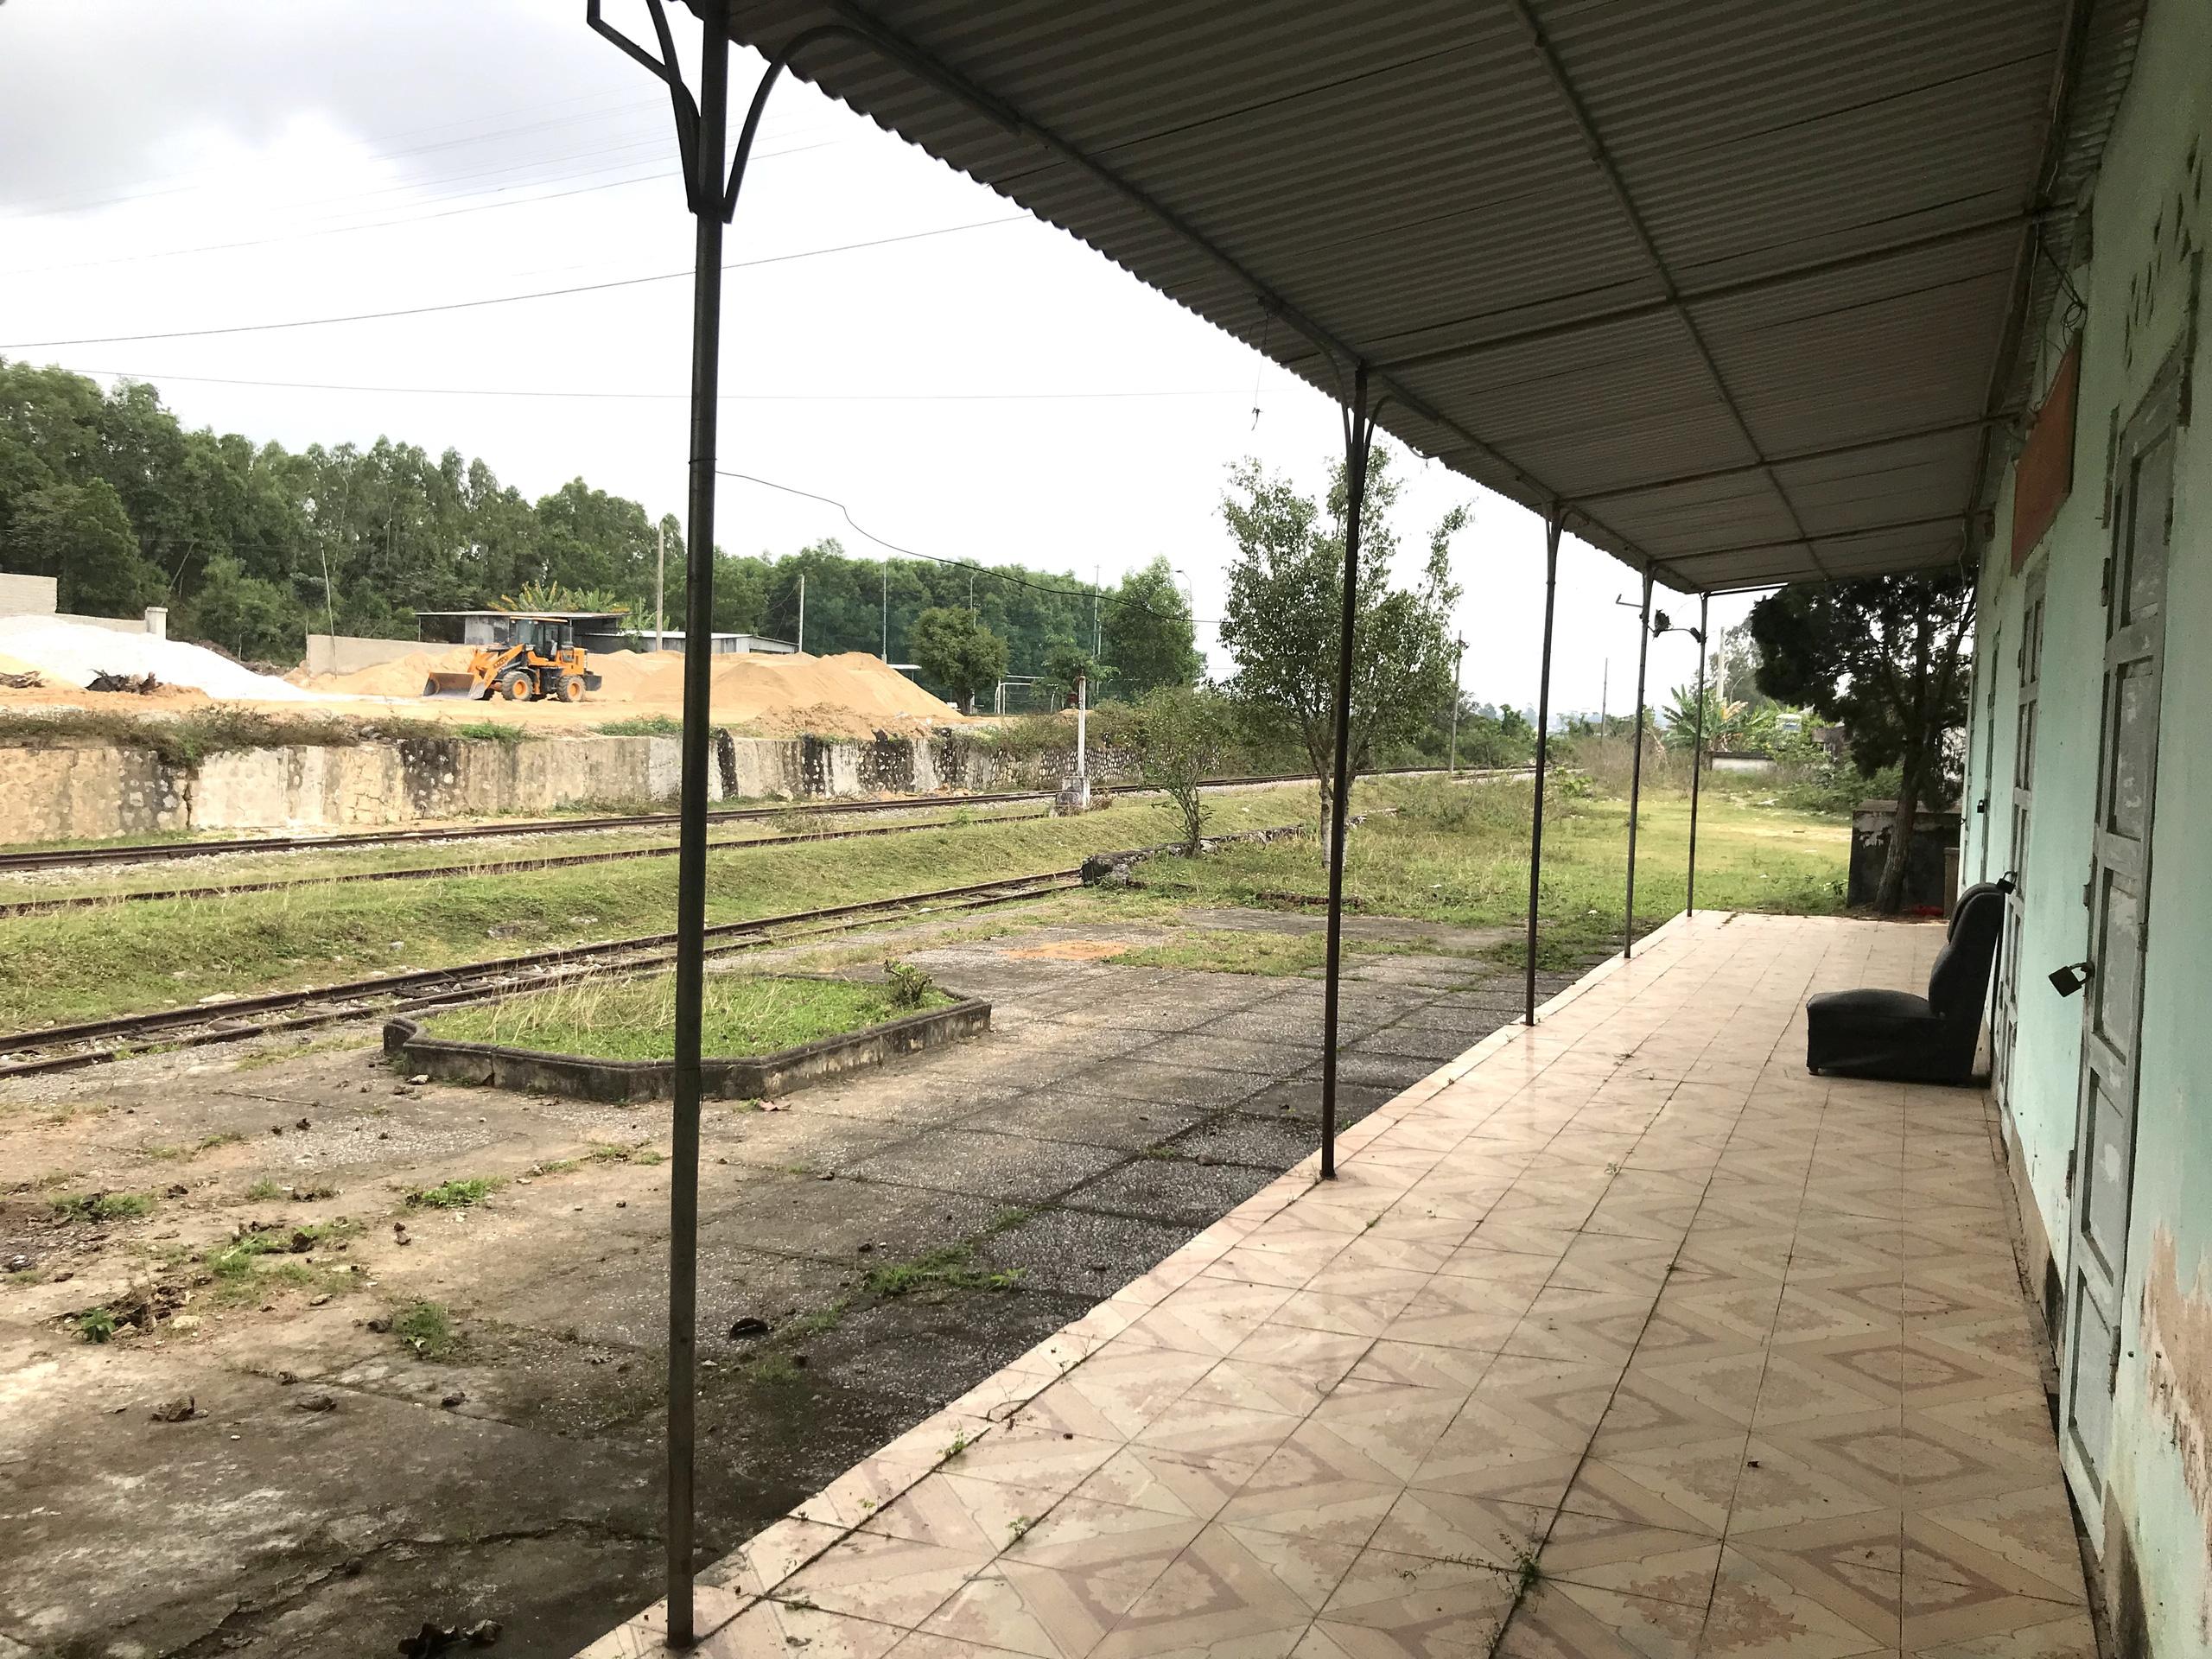 Tuyến đường sắt bị 'bỏ quên' gần thập kỷ không có tàu chạy nhưng vẫn tiêu tốn tiền tỷ bảo vệ - Ảnh 3.